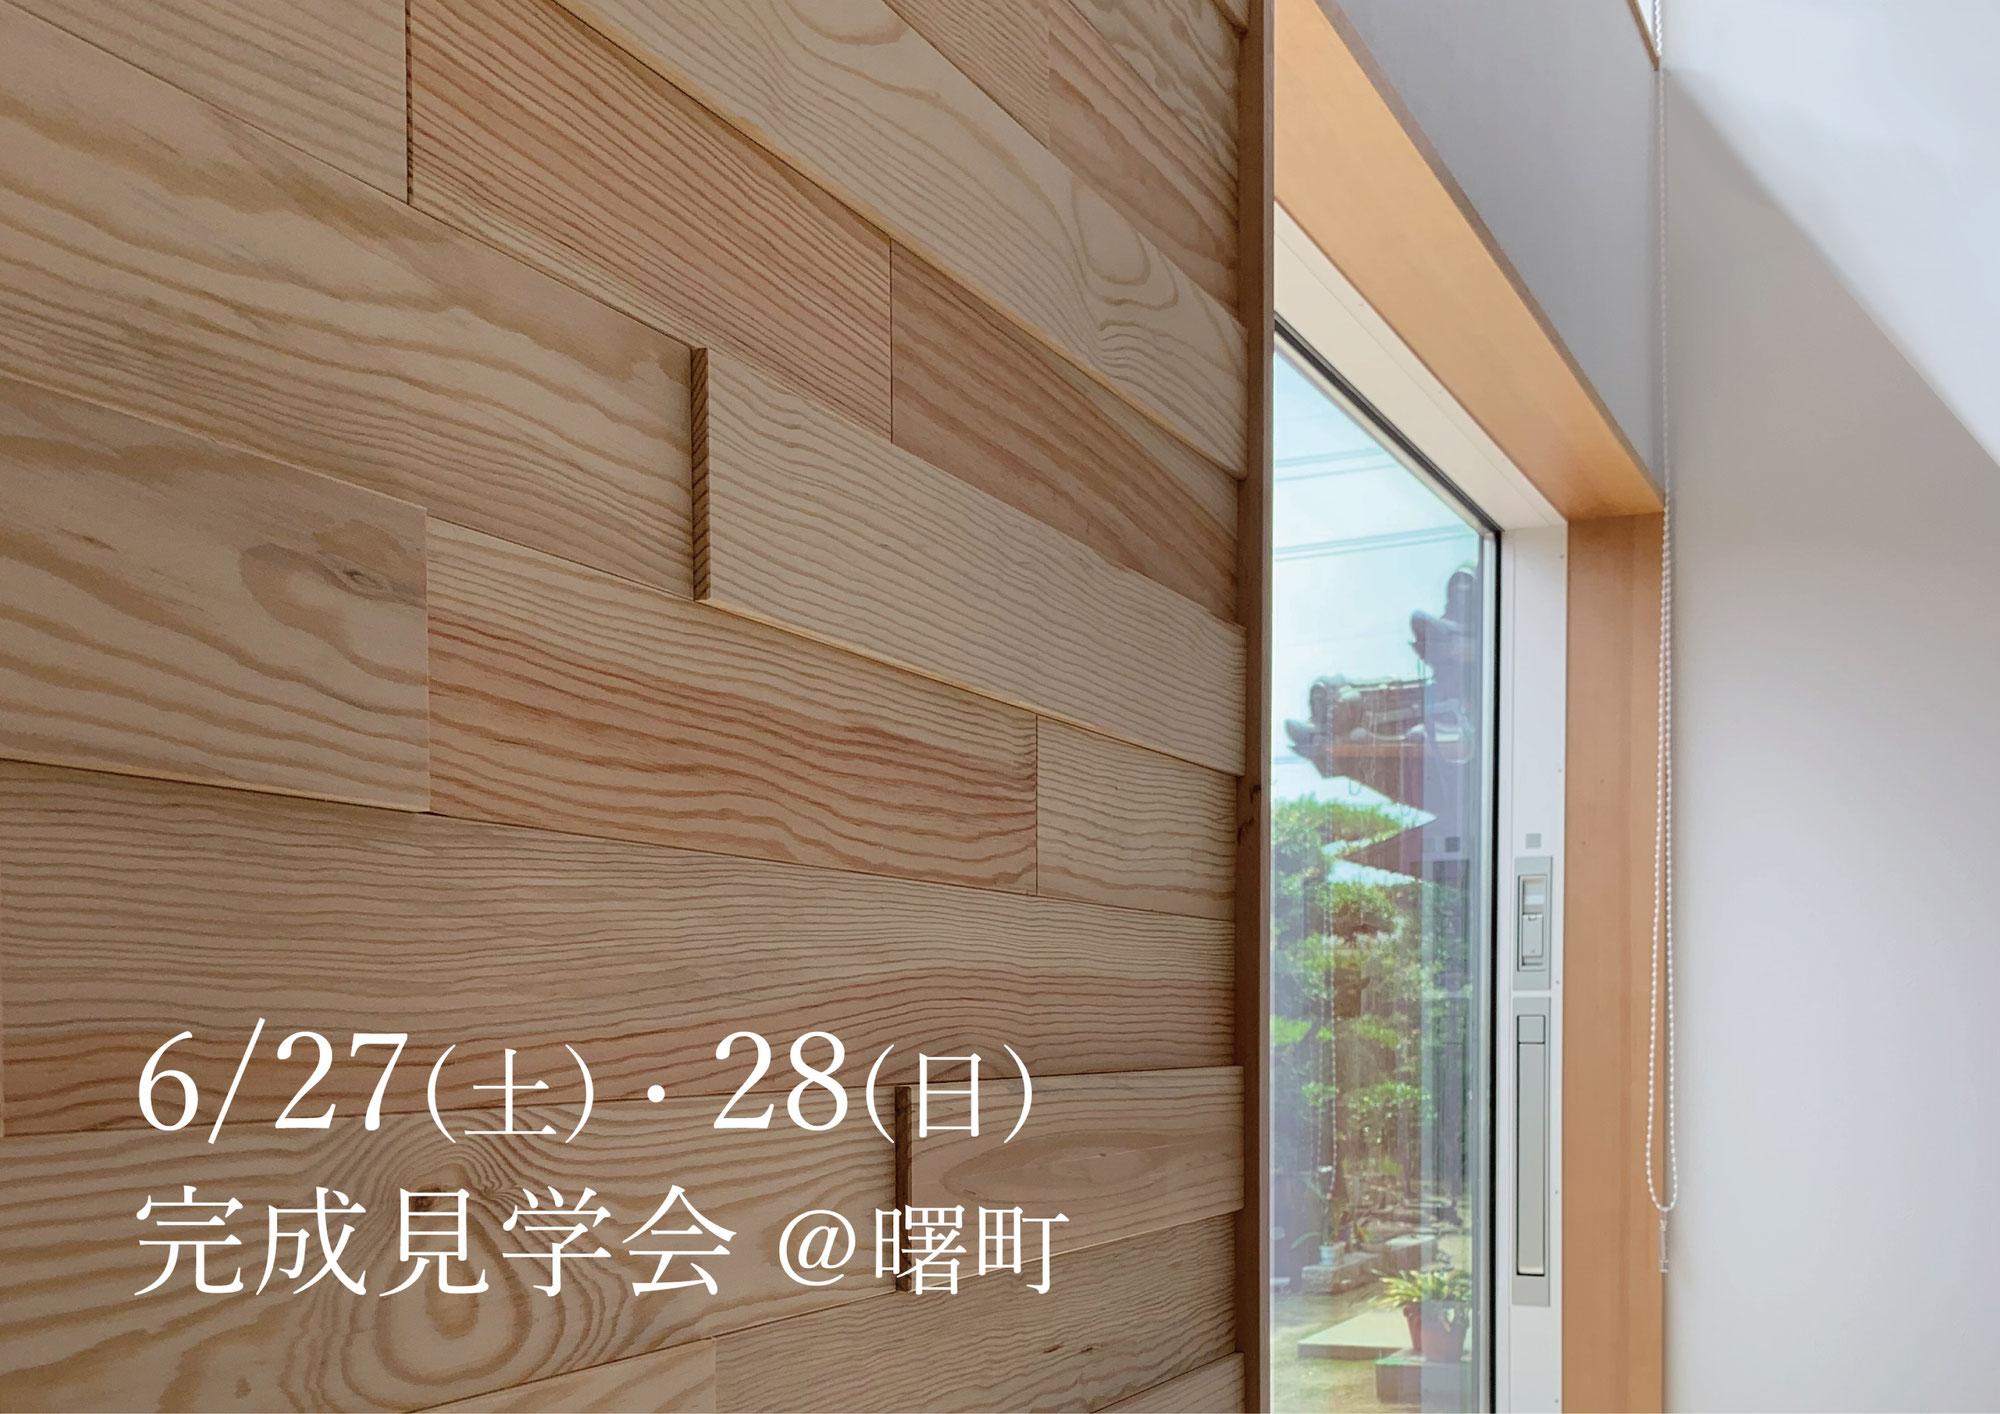 2020年6月27(土)28日(日)「曙町の家」完成見学会 開催のお知らせ